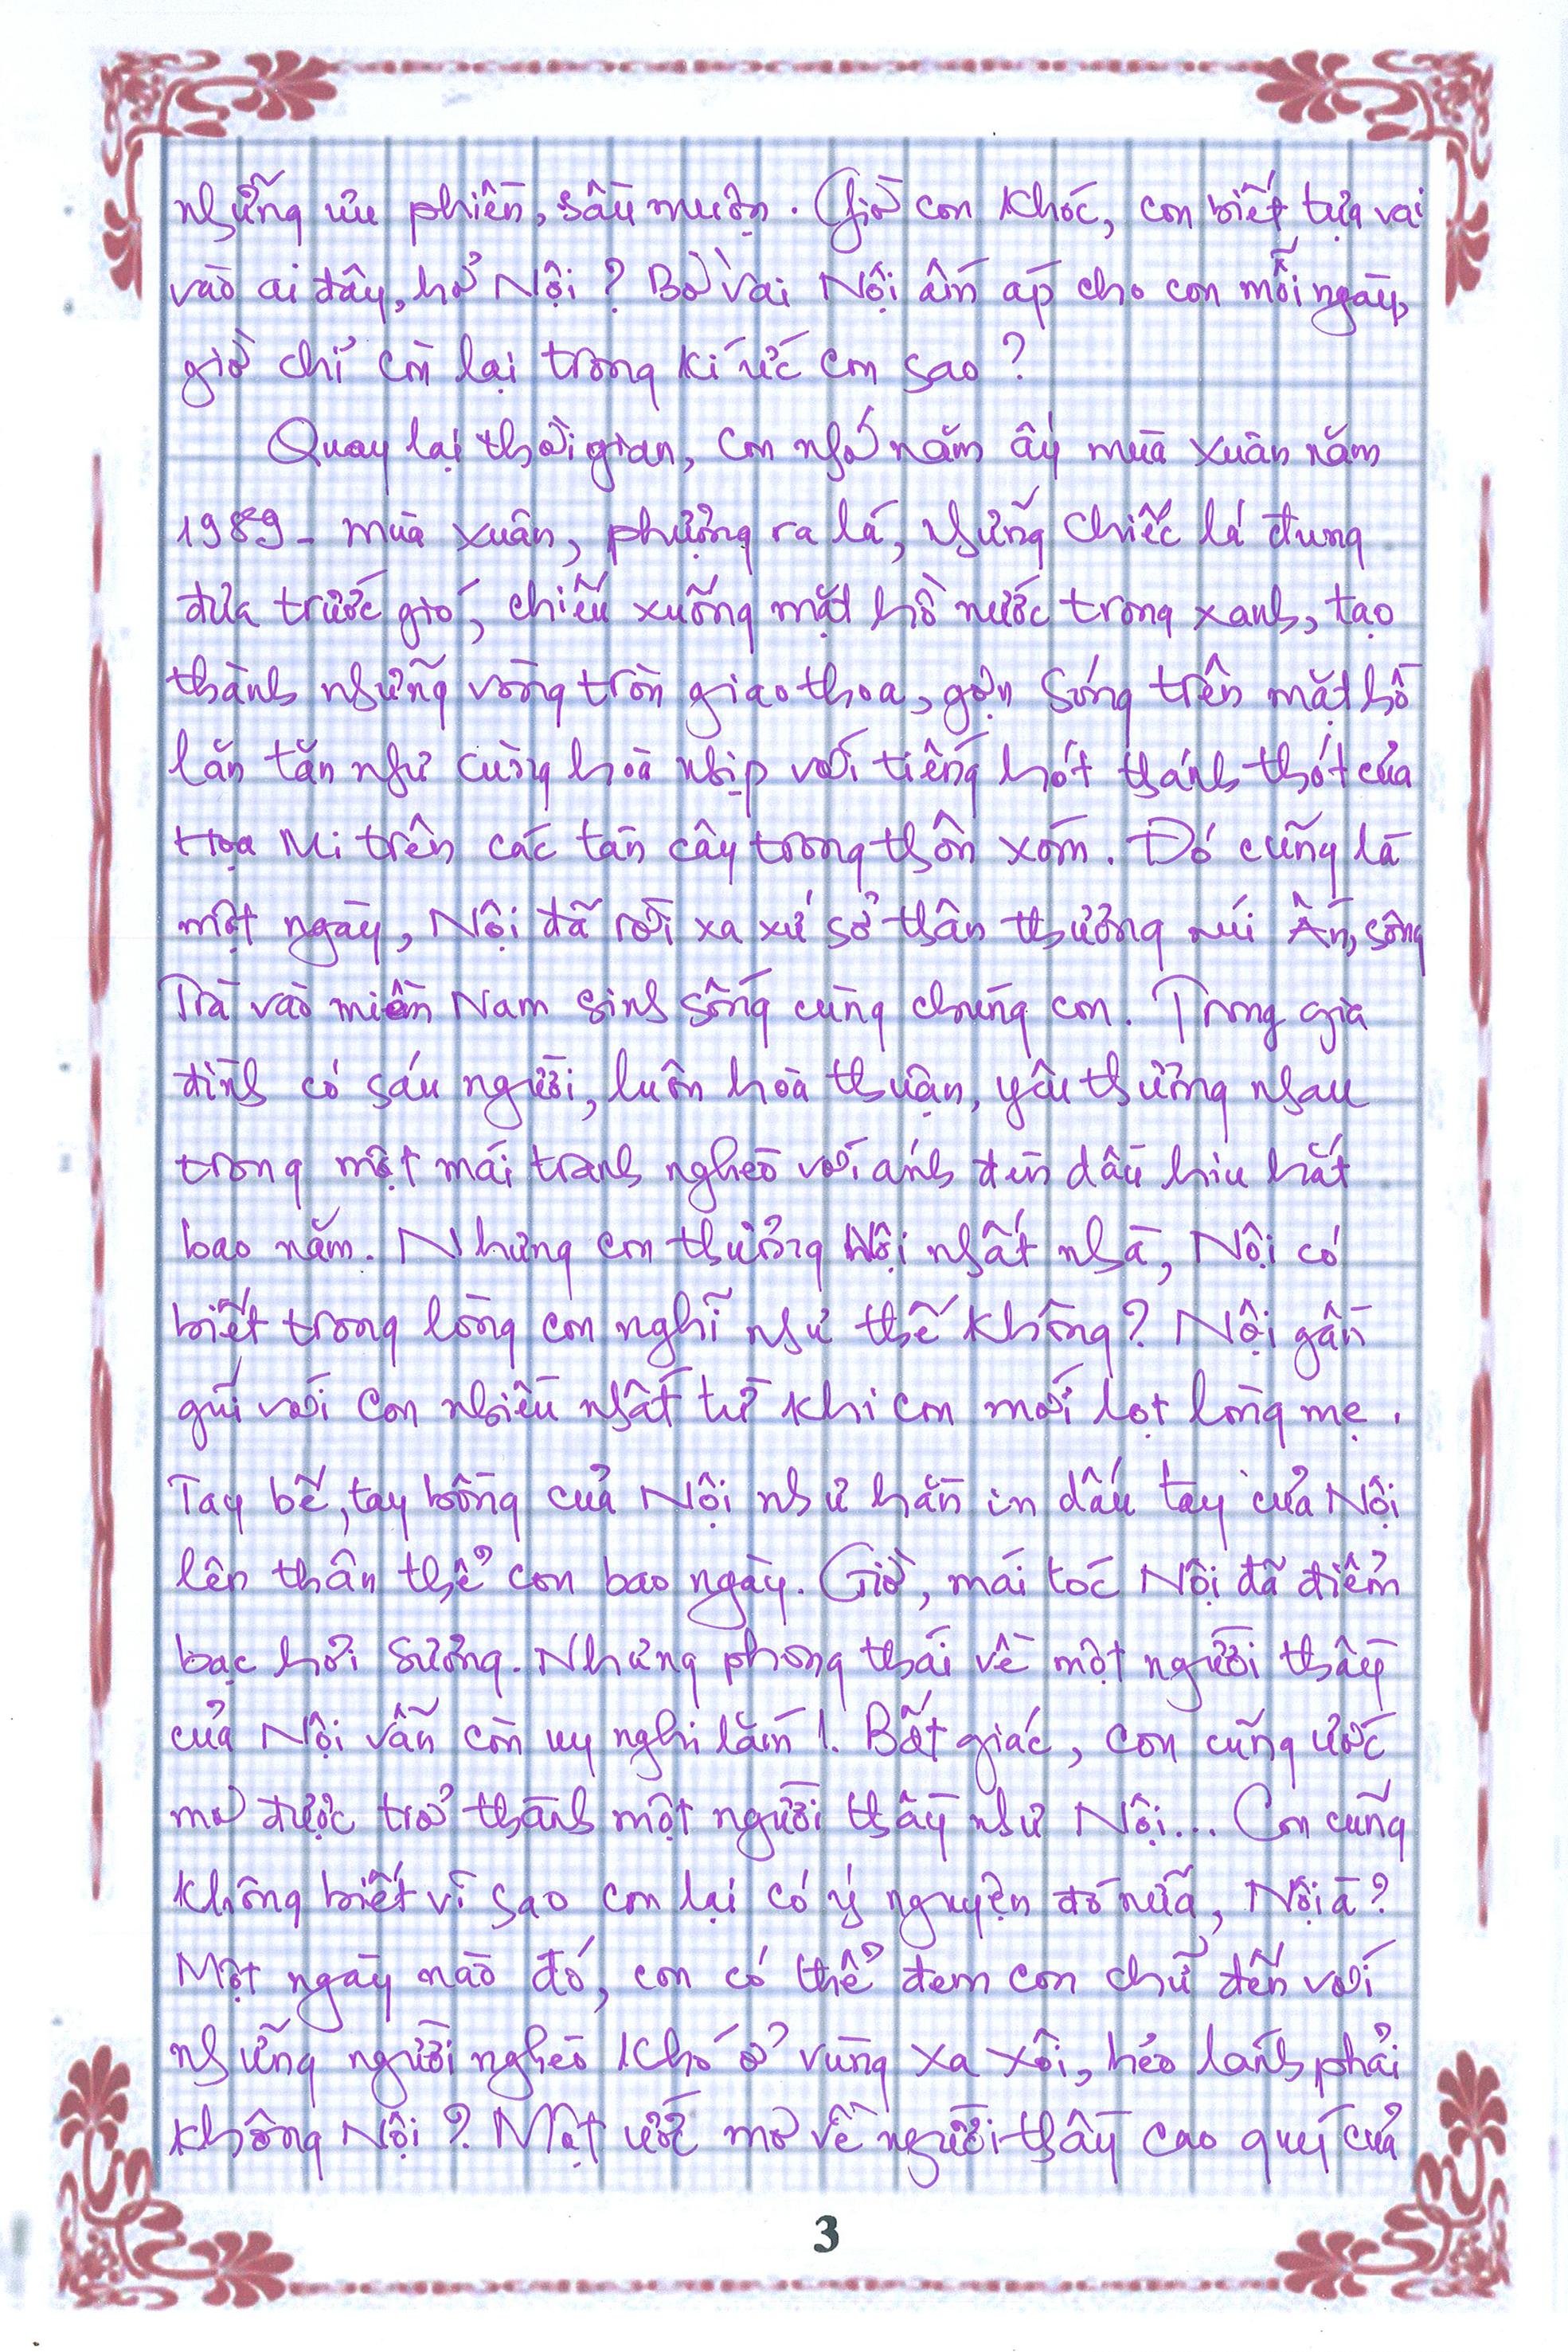 3 2 - [20/11 và những lá thư tay]: Bức thư mùa thu gửi Nội...